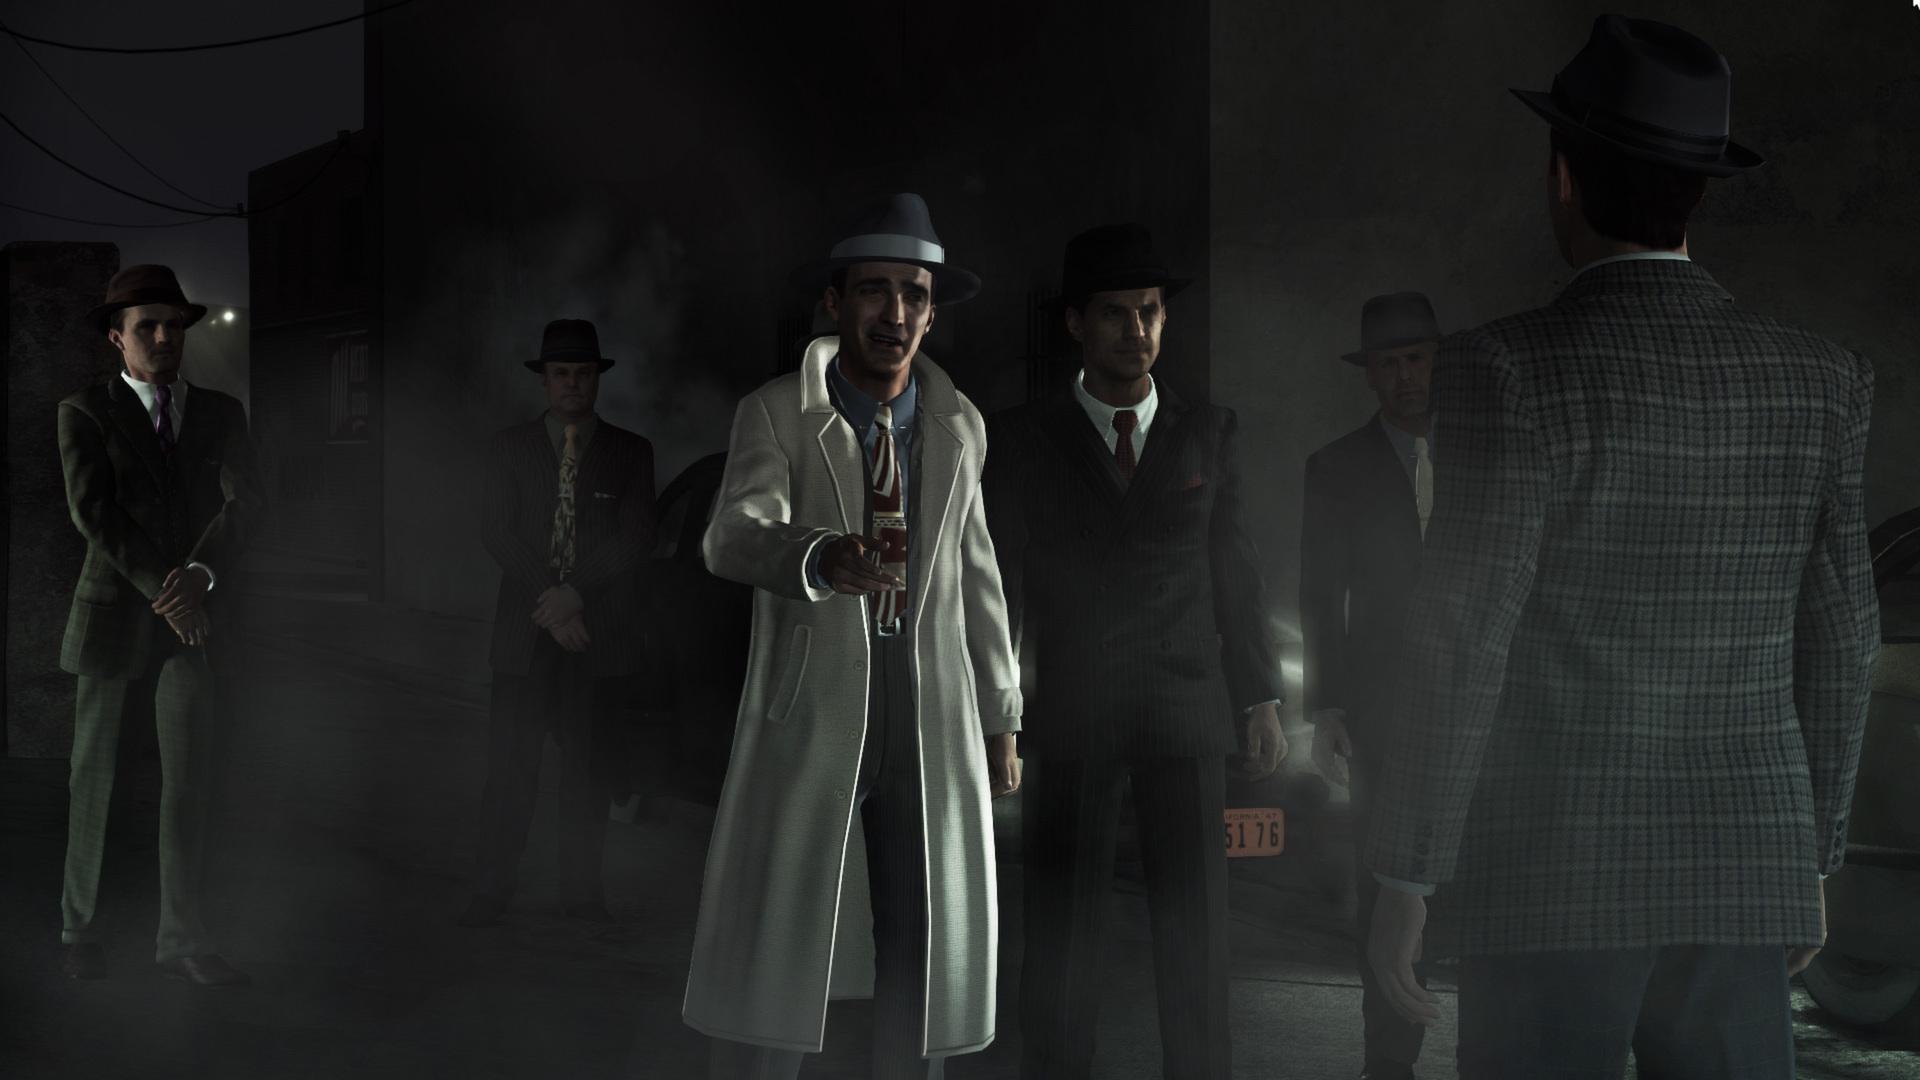 la-noire-complete-pc-screenshot-04